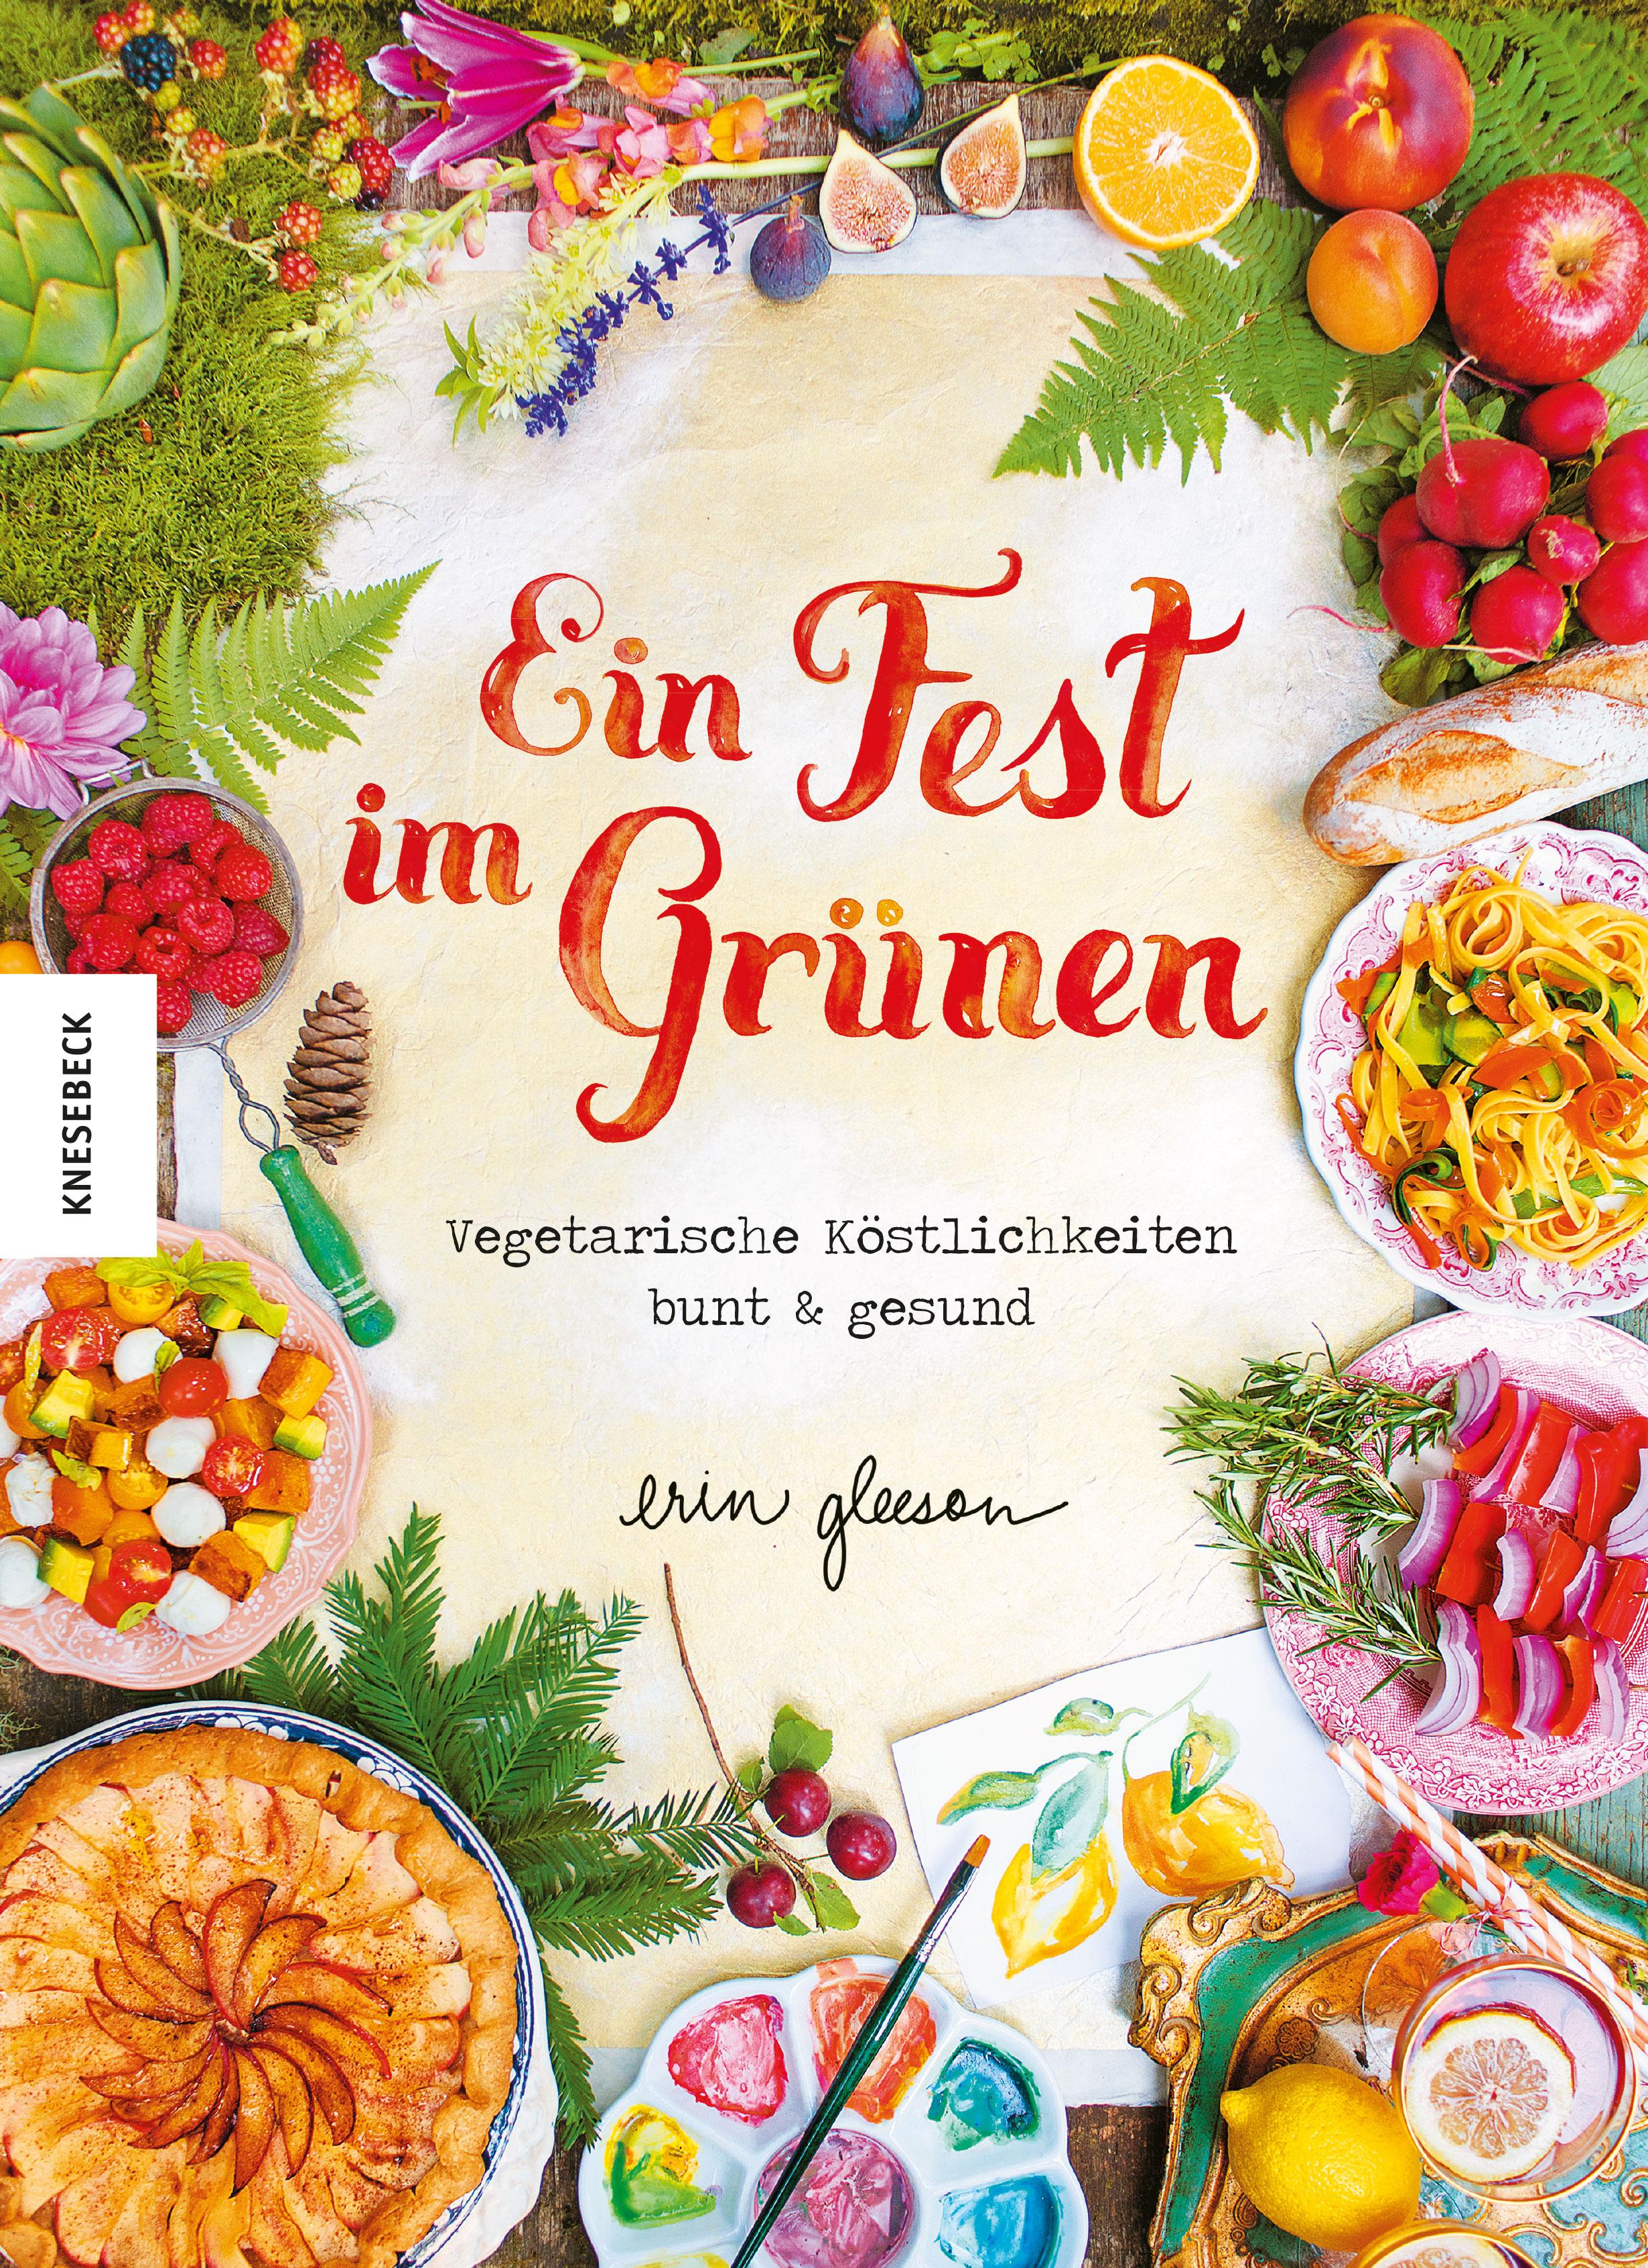 Ein Fest im Grünen: Vegetarische Köstlichkeiten...